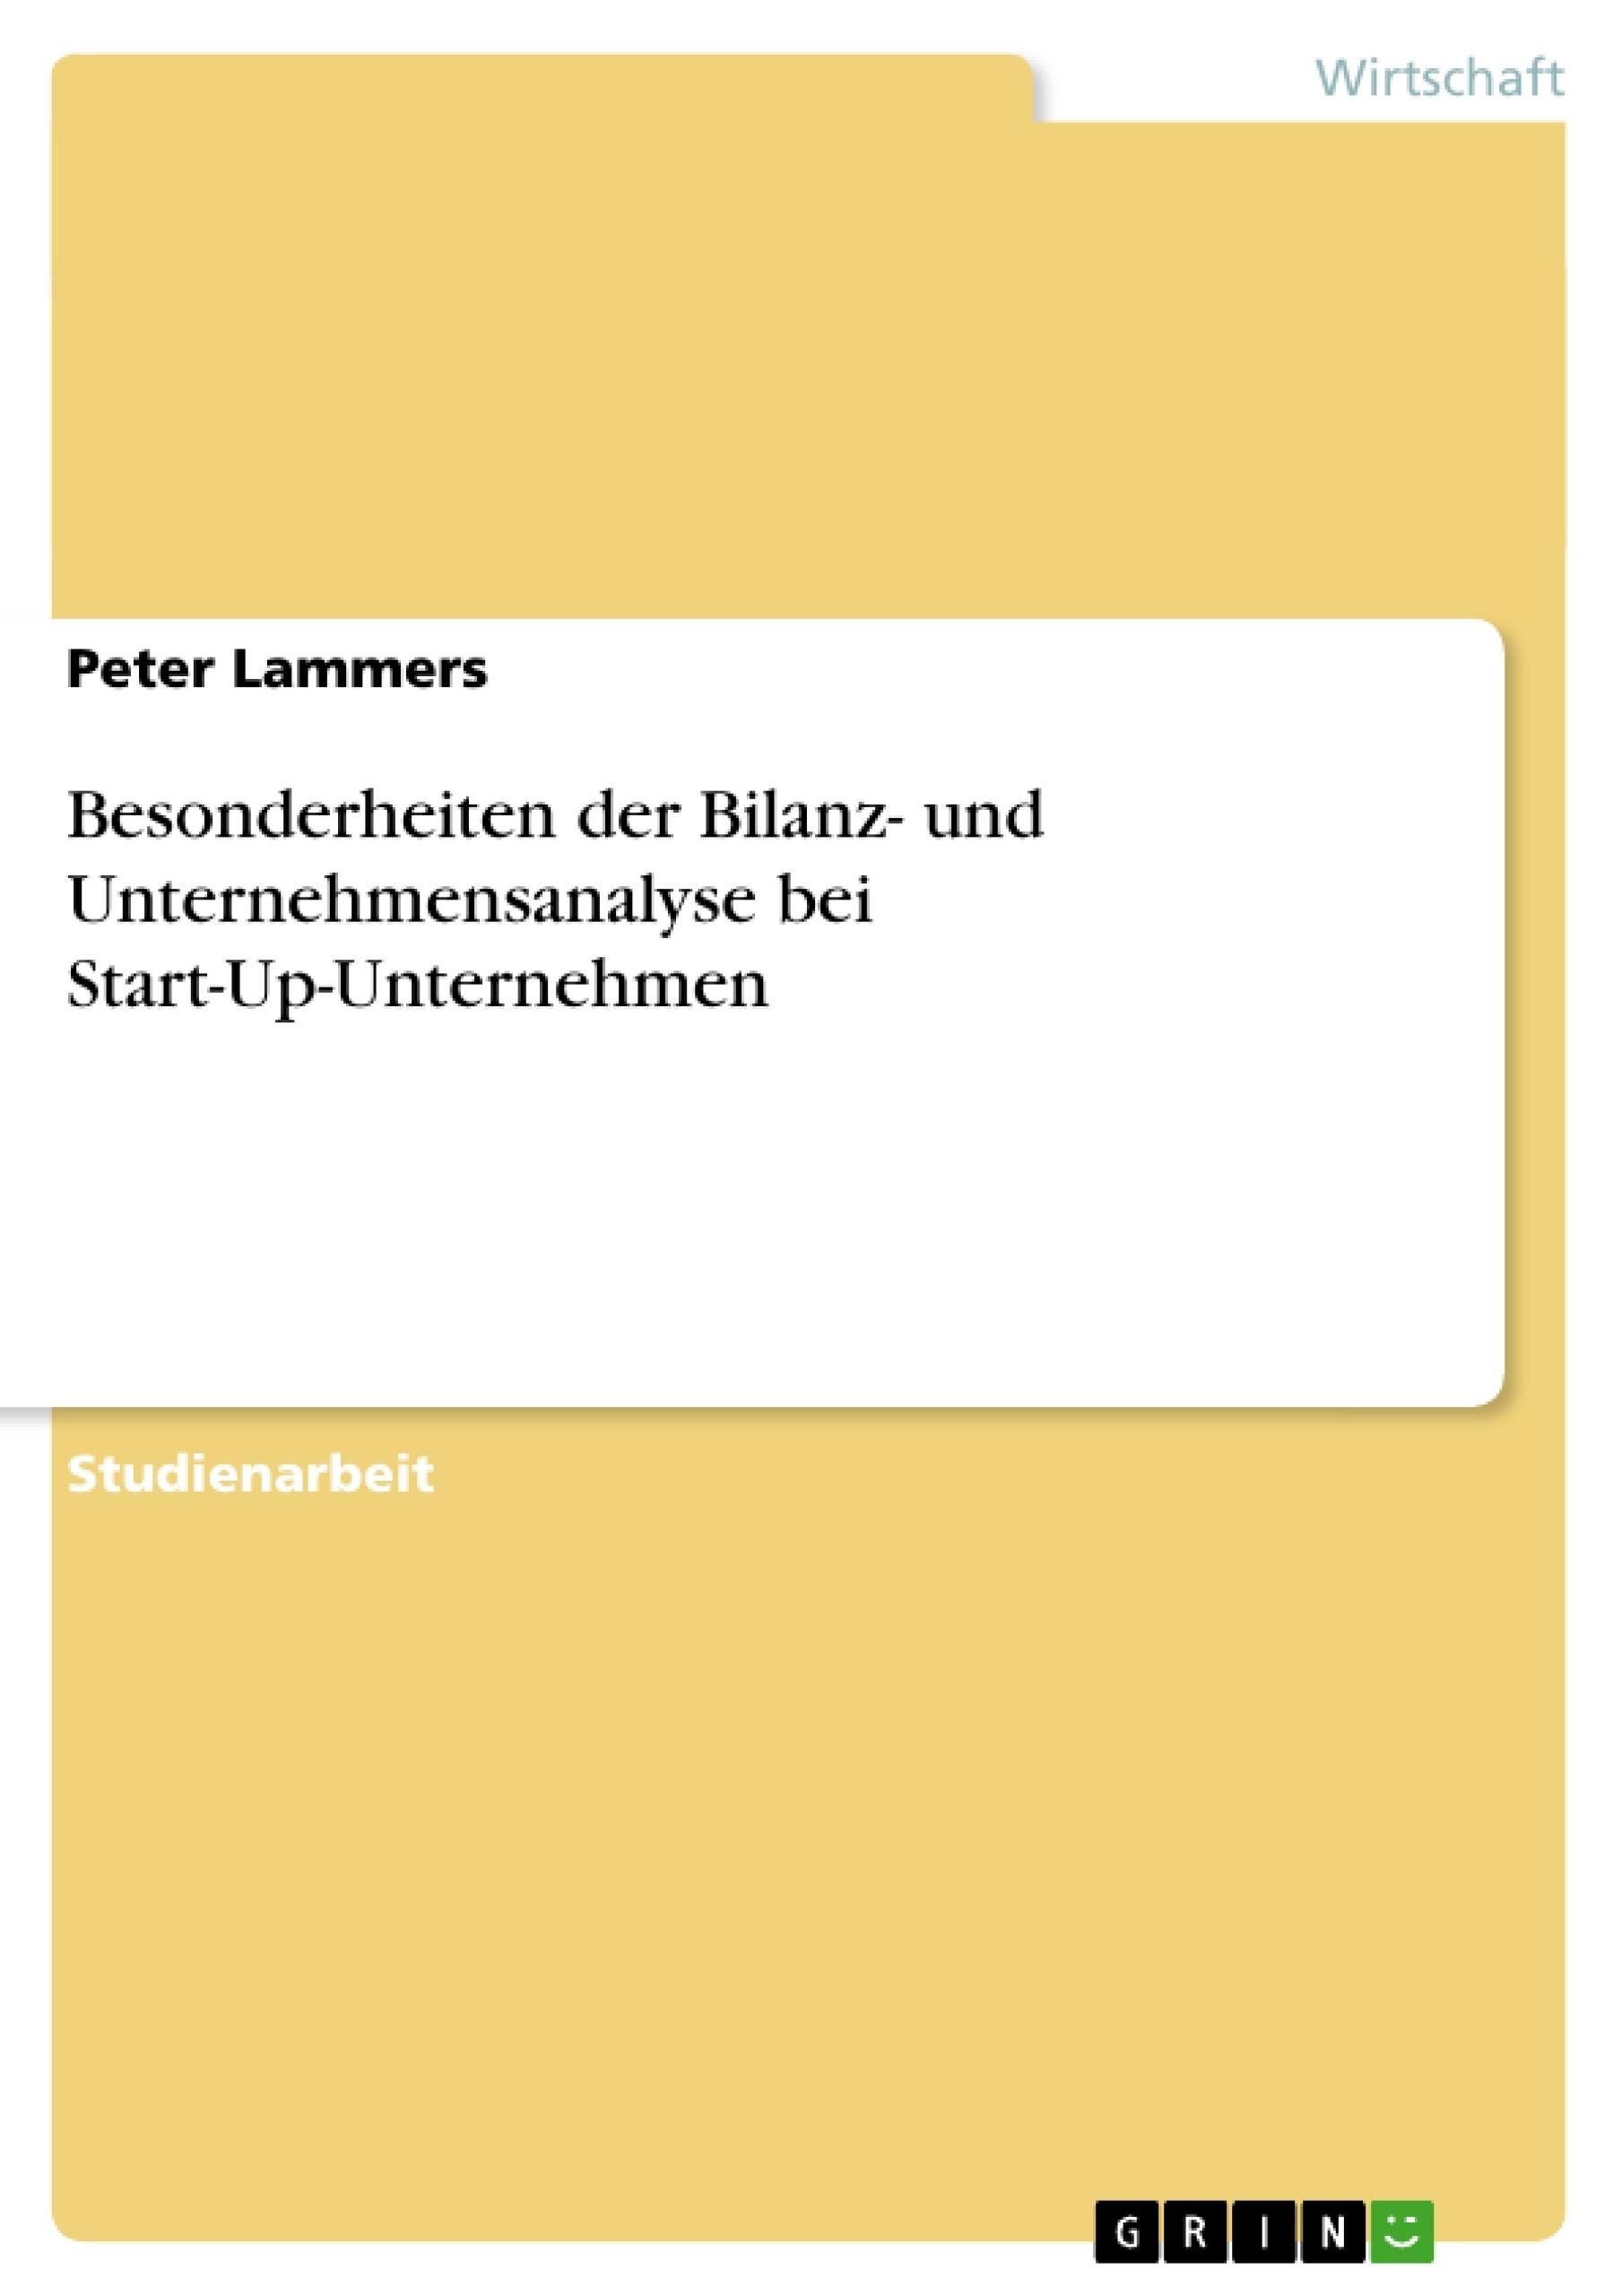 Besonderheiten der Bilanz- und Unternehmensanalyse bei ...